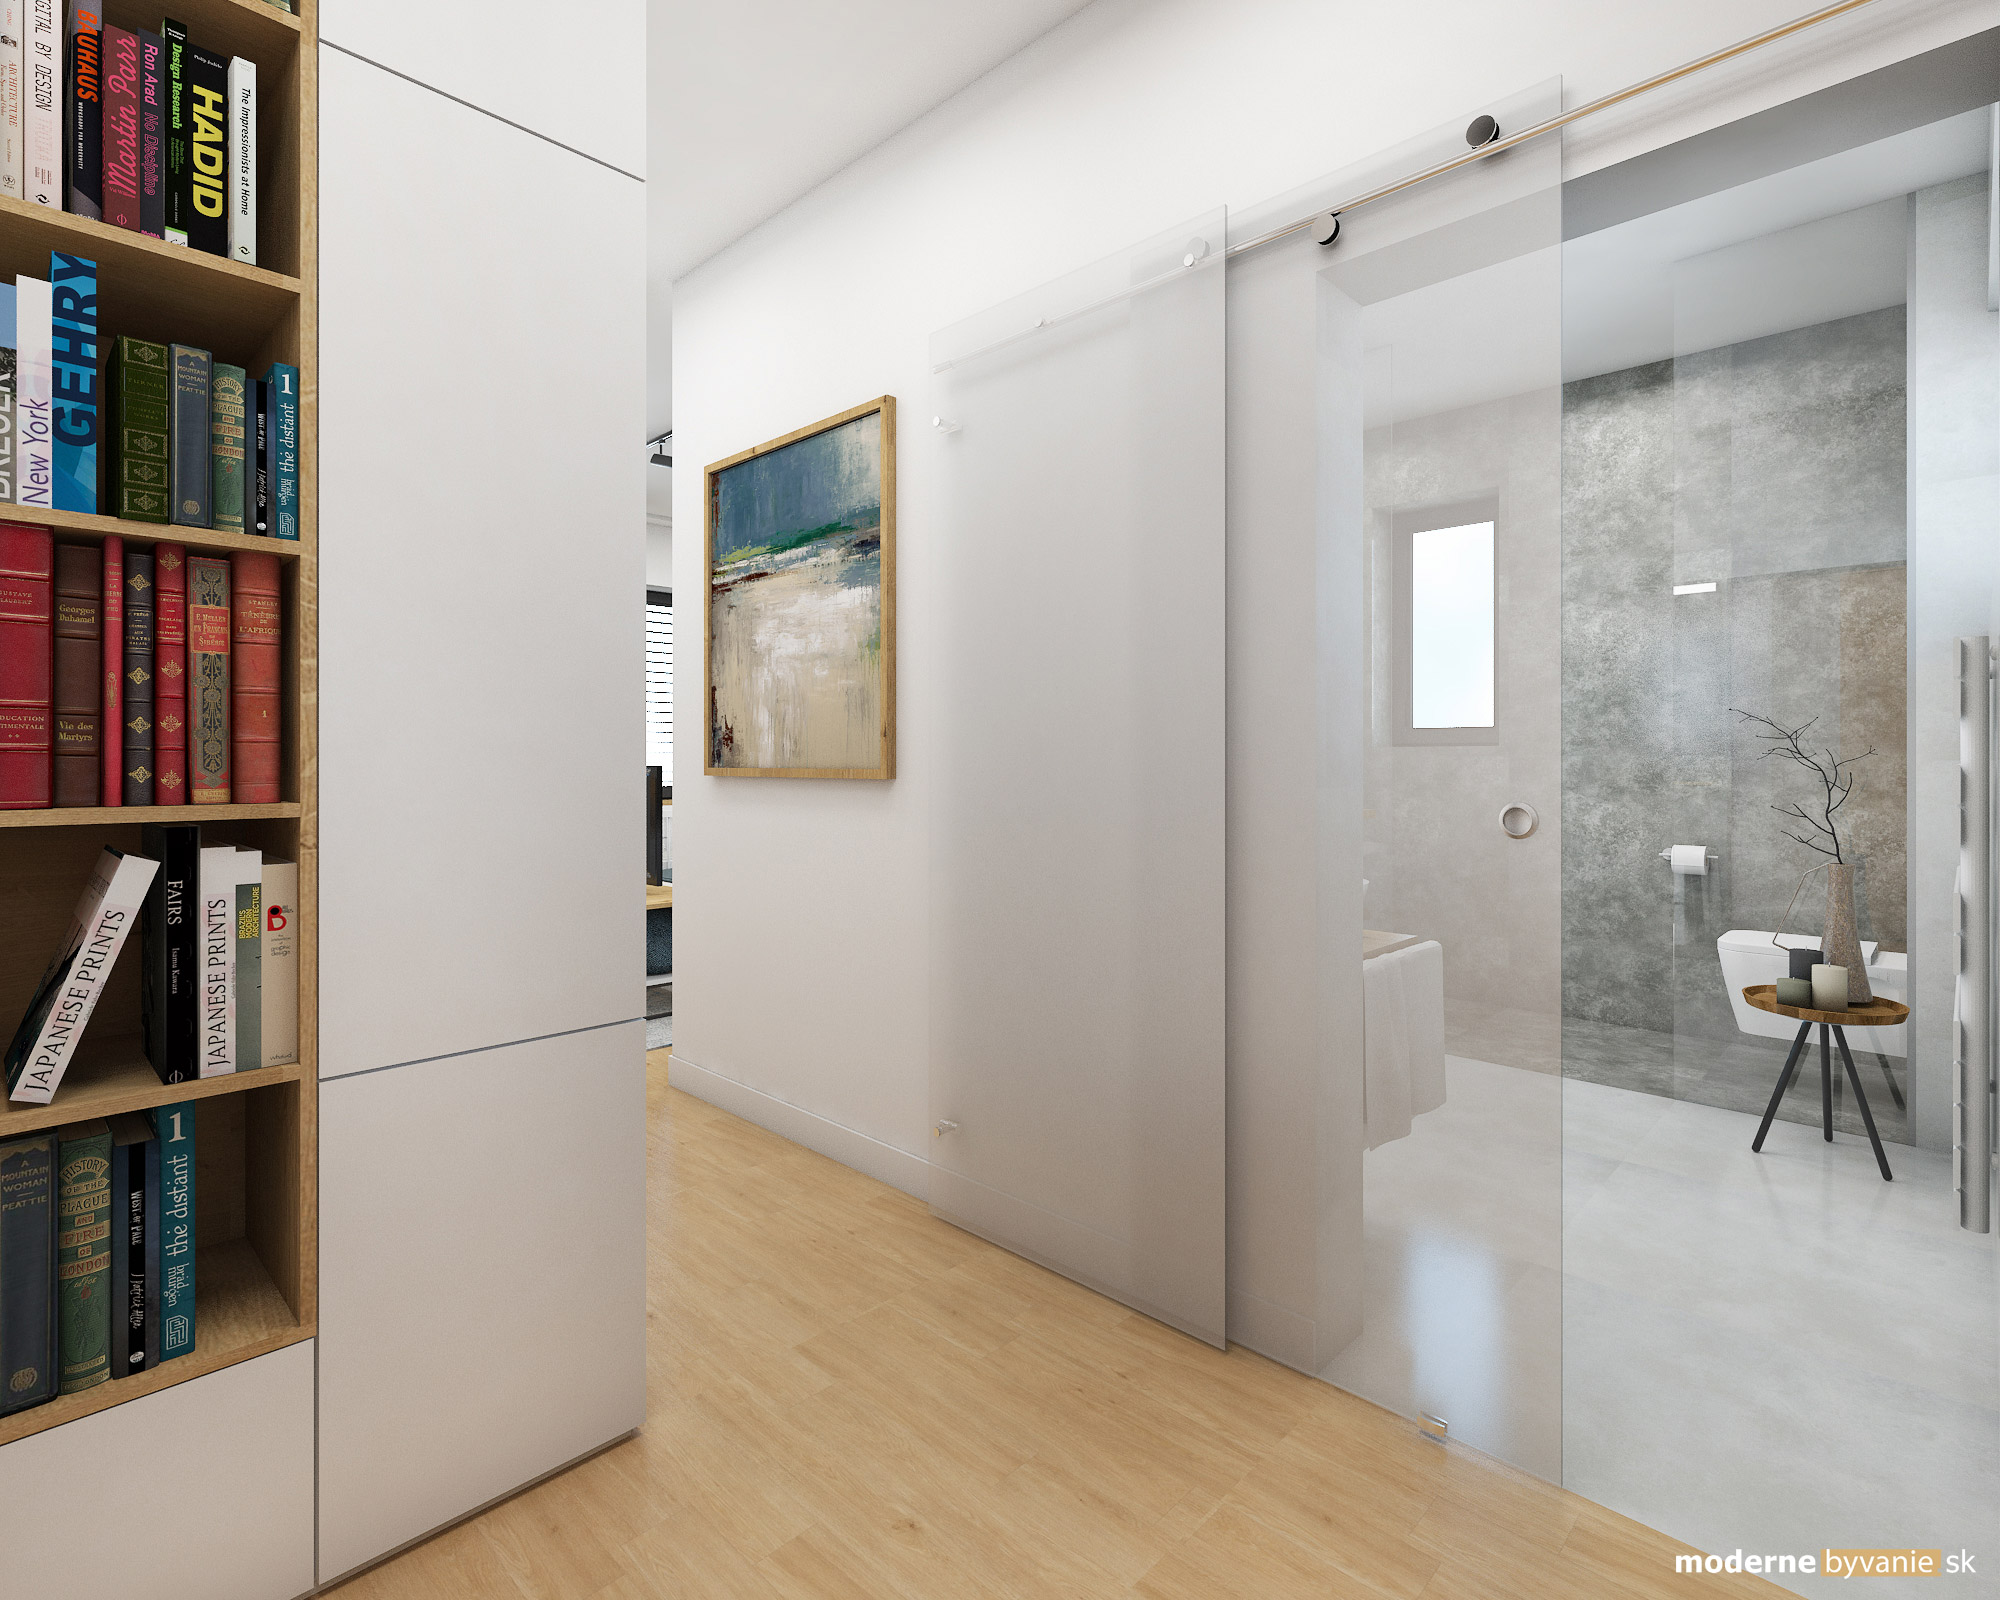 Návrh interiéru - Spálňa s kúpelňou - Dizajn interiéru domu v Tatrách